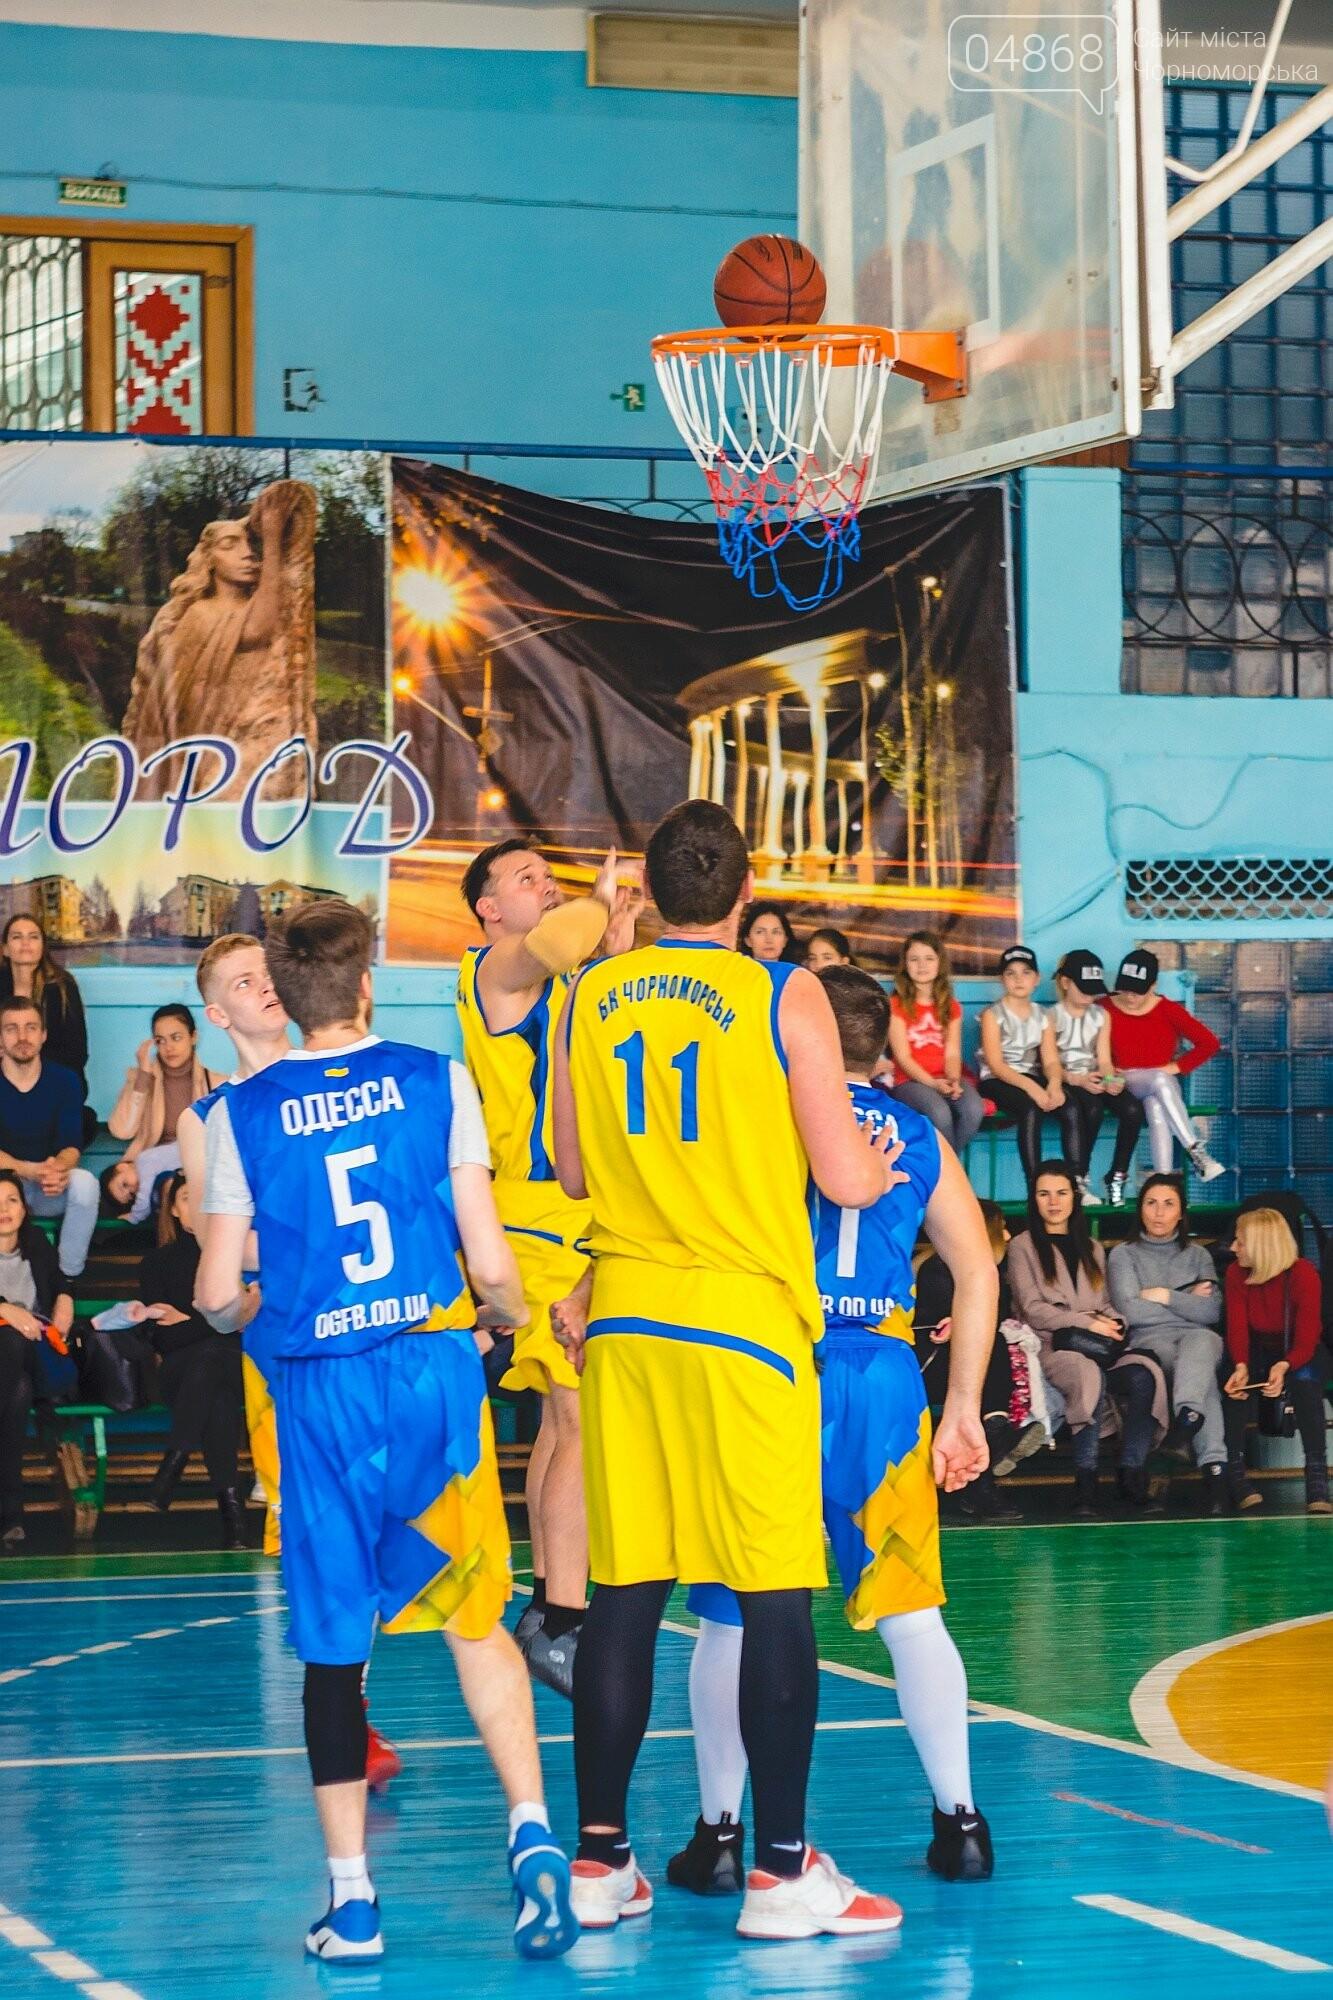 Чемпионат по баскетболу завершился победой команды Черноморска, фото-13